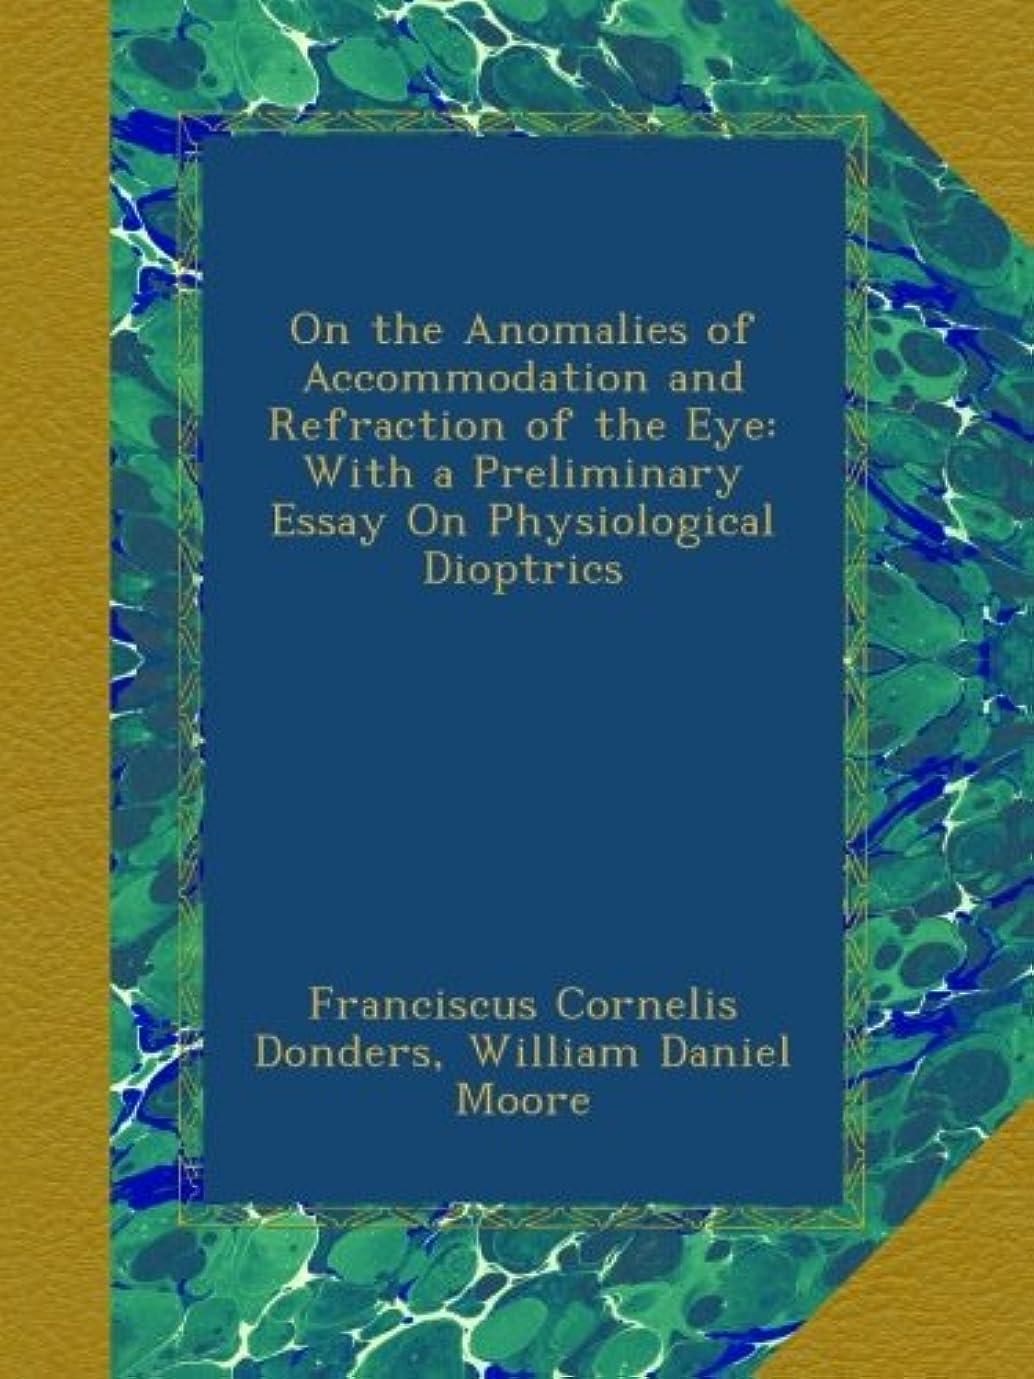 ドライ大いにシングルOn the Anomalies of Accommodation and Refraction of the Eye: With a Preliminary Essay On Physiological Dioptrics